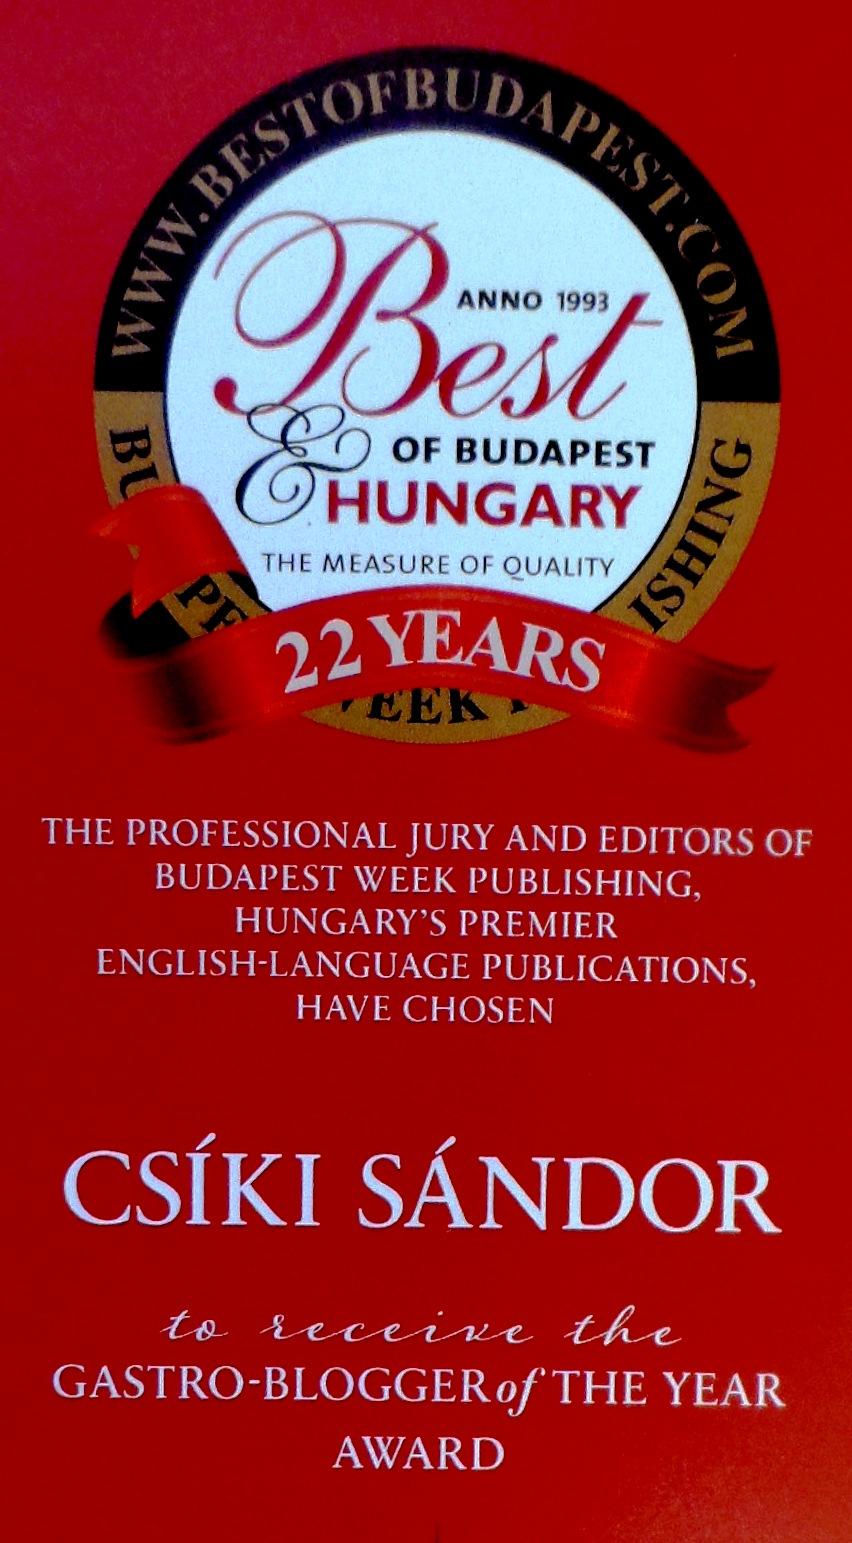 Az év gasztrobloggere: Csíki Sándor